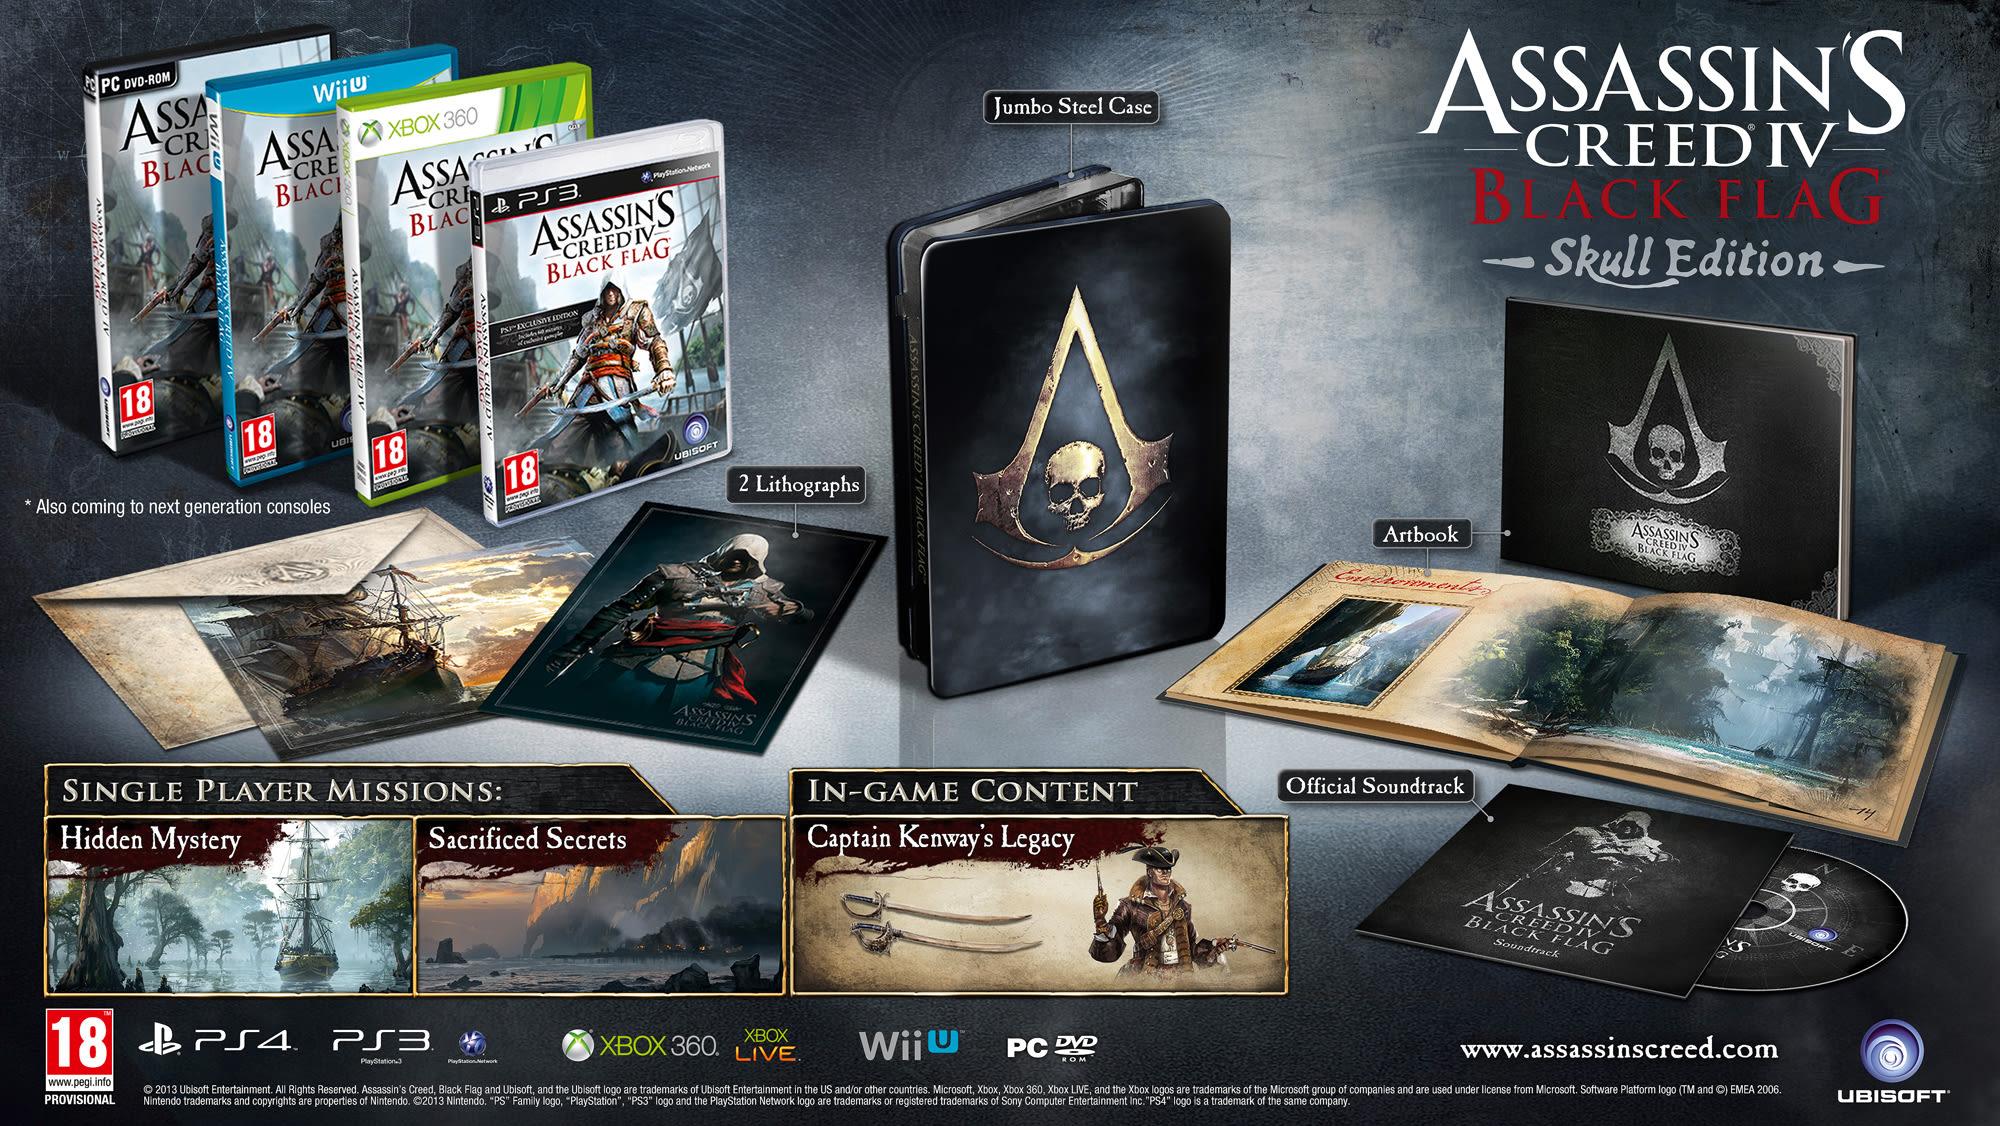 Buy Assassin S Creed Iv Black Flag Skull Edition On Playstation 4